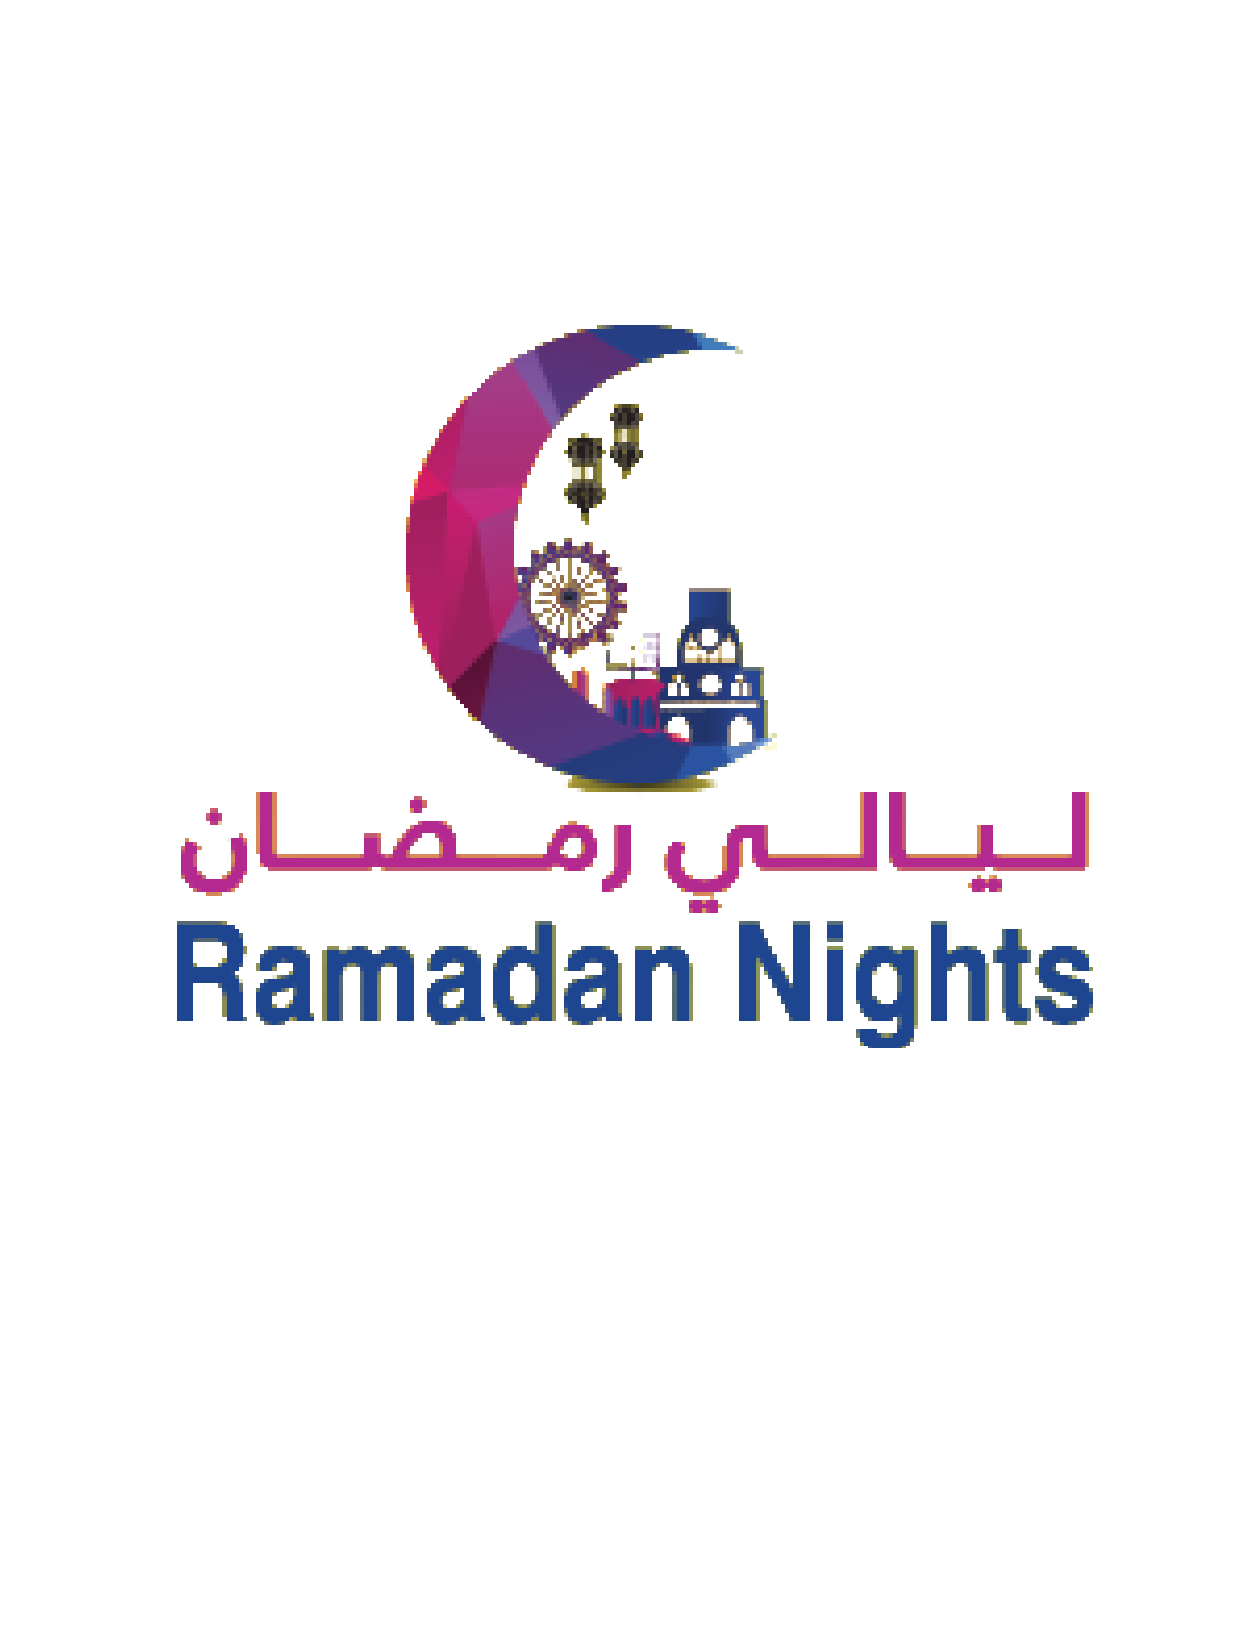 ramadan nights